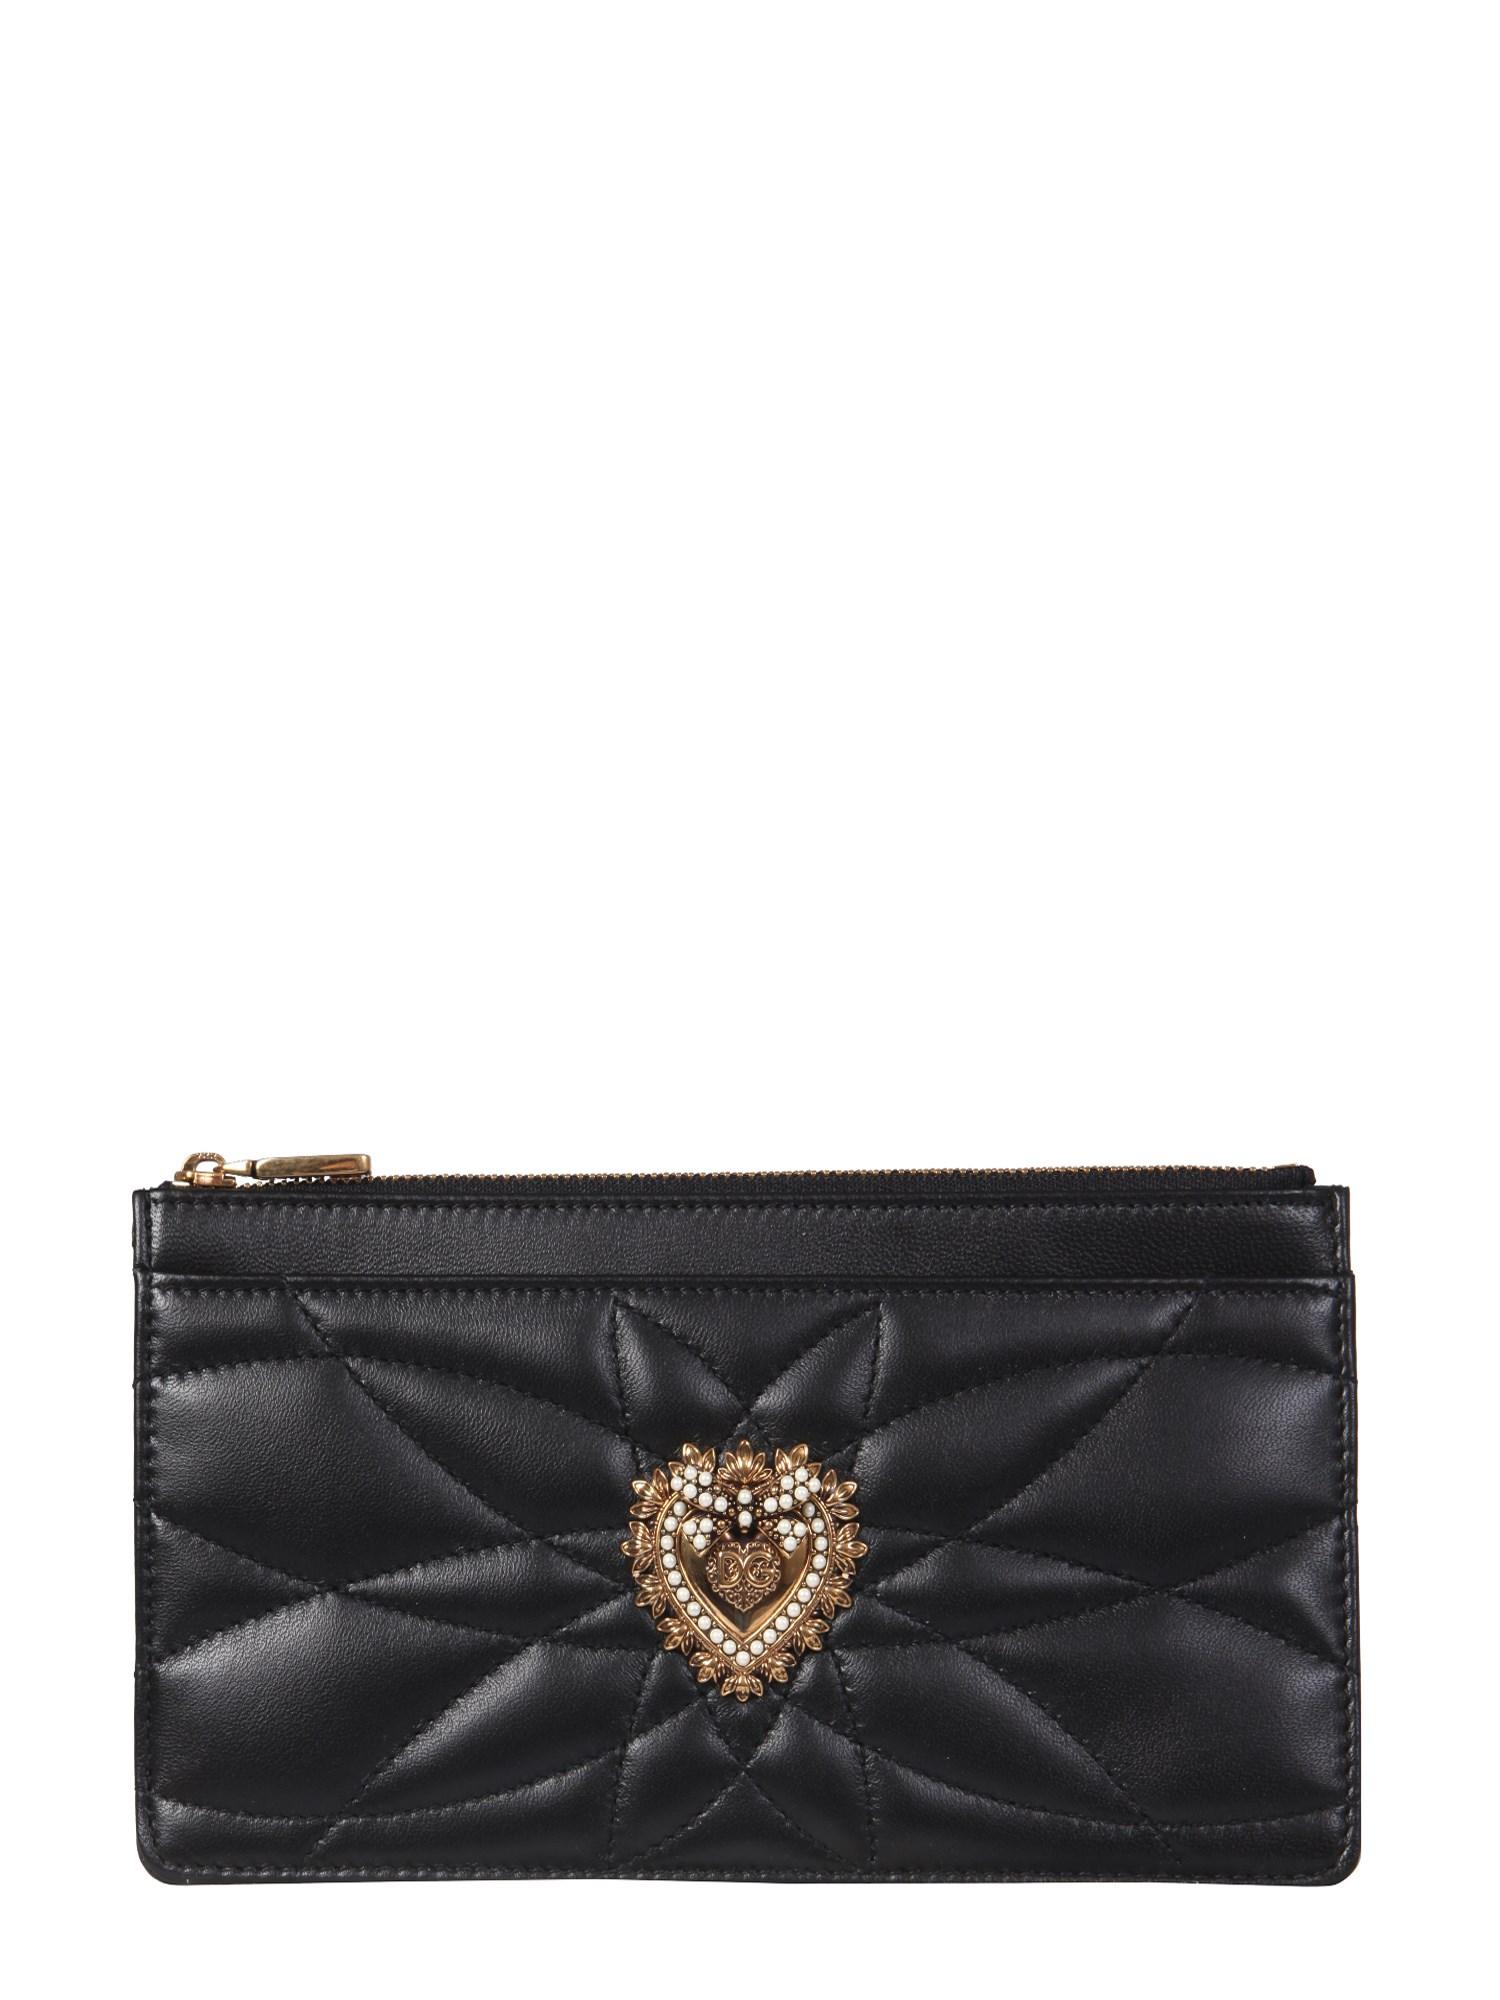 Dolce & Gabbana Large Devotion Card Holder In Black